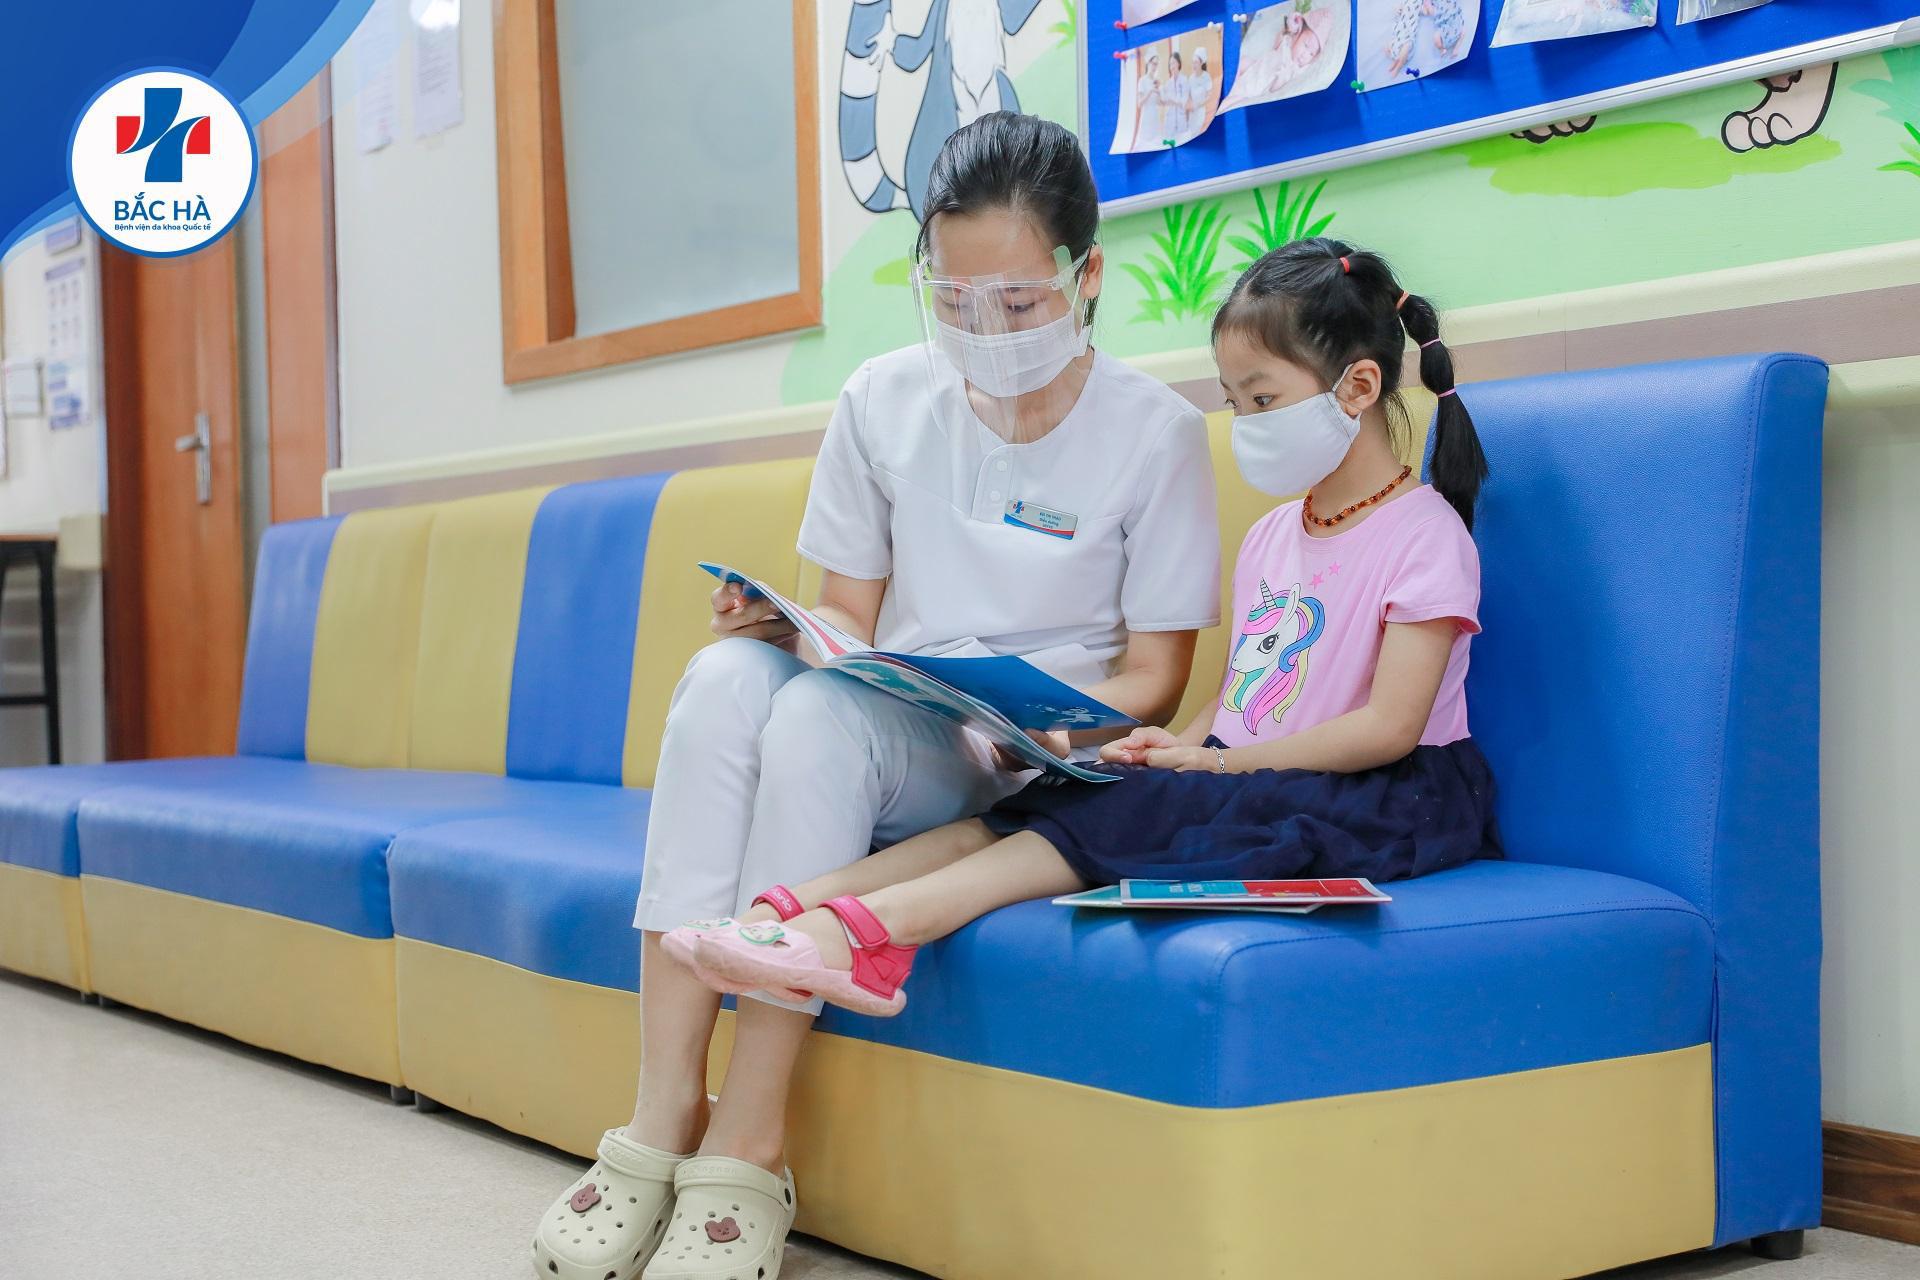 Khoa nhi bệnh viện Quốc tế Bắc Hà: Chăm bé tận tâm - ươm mầm sức khỏe - Ảnh 3.